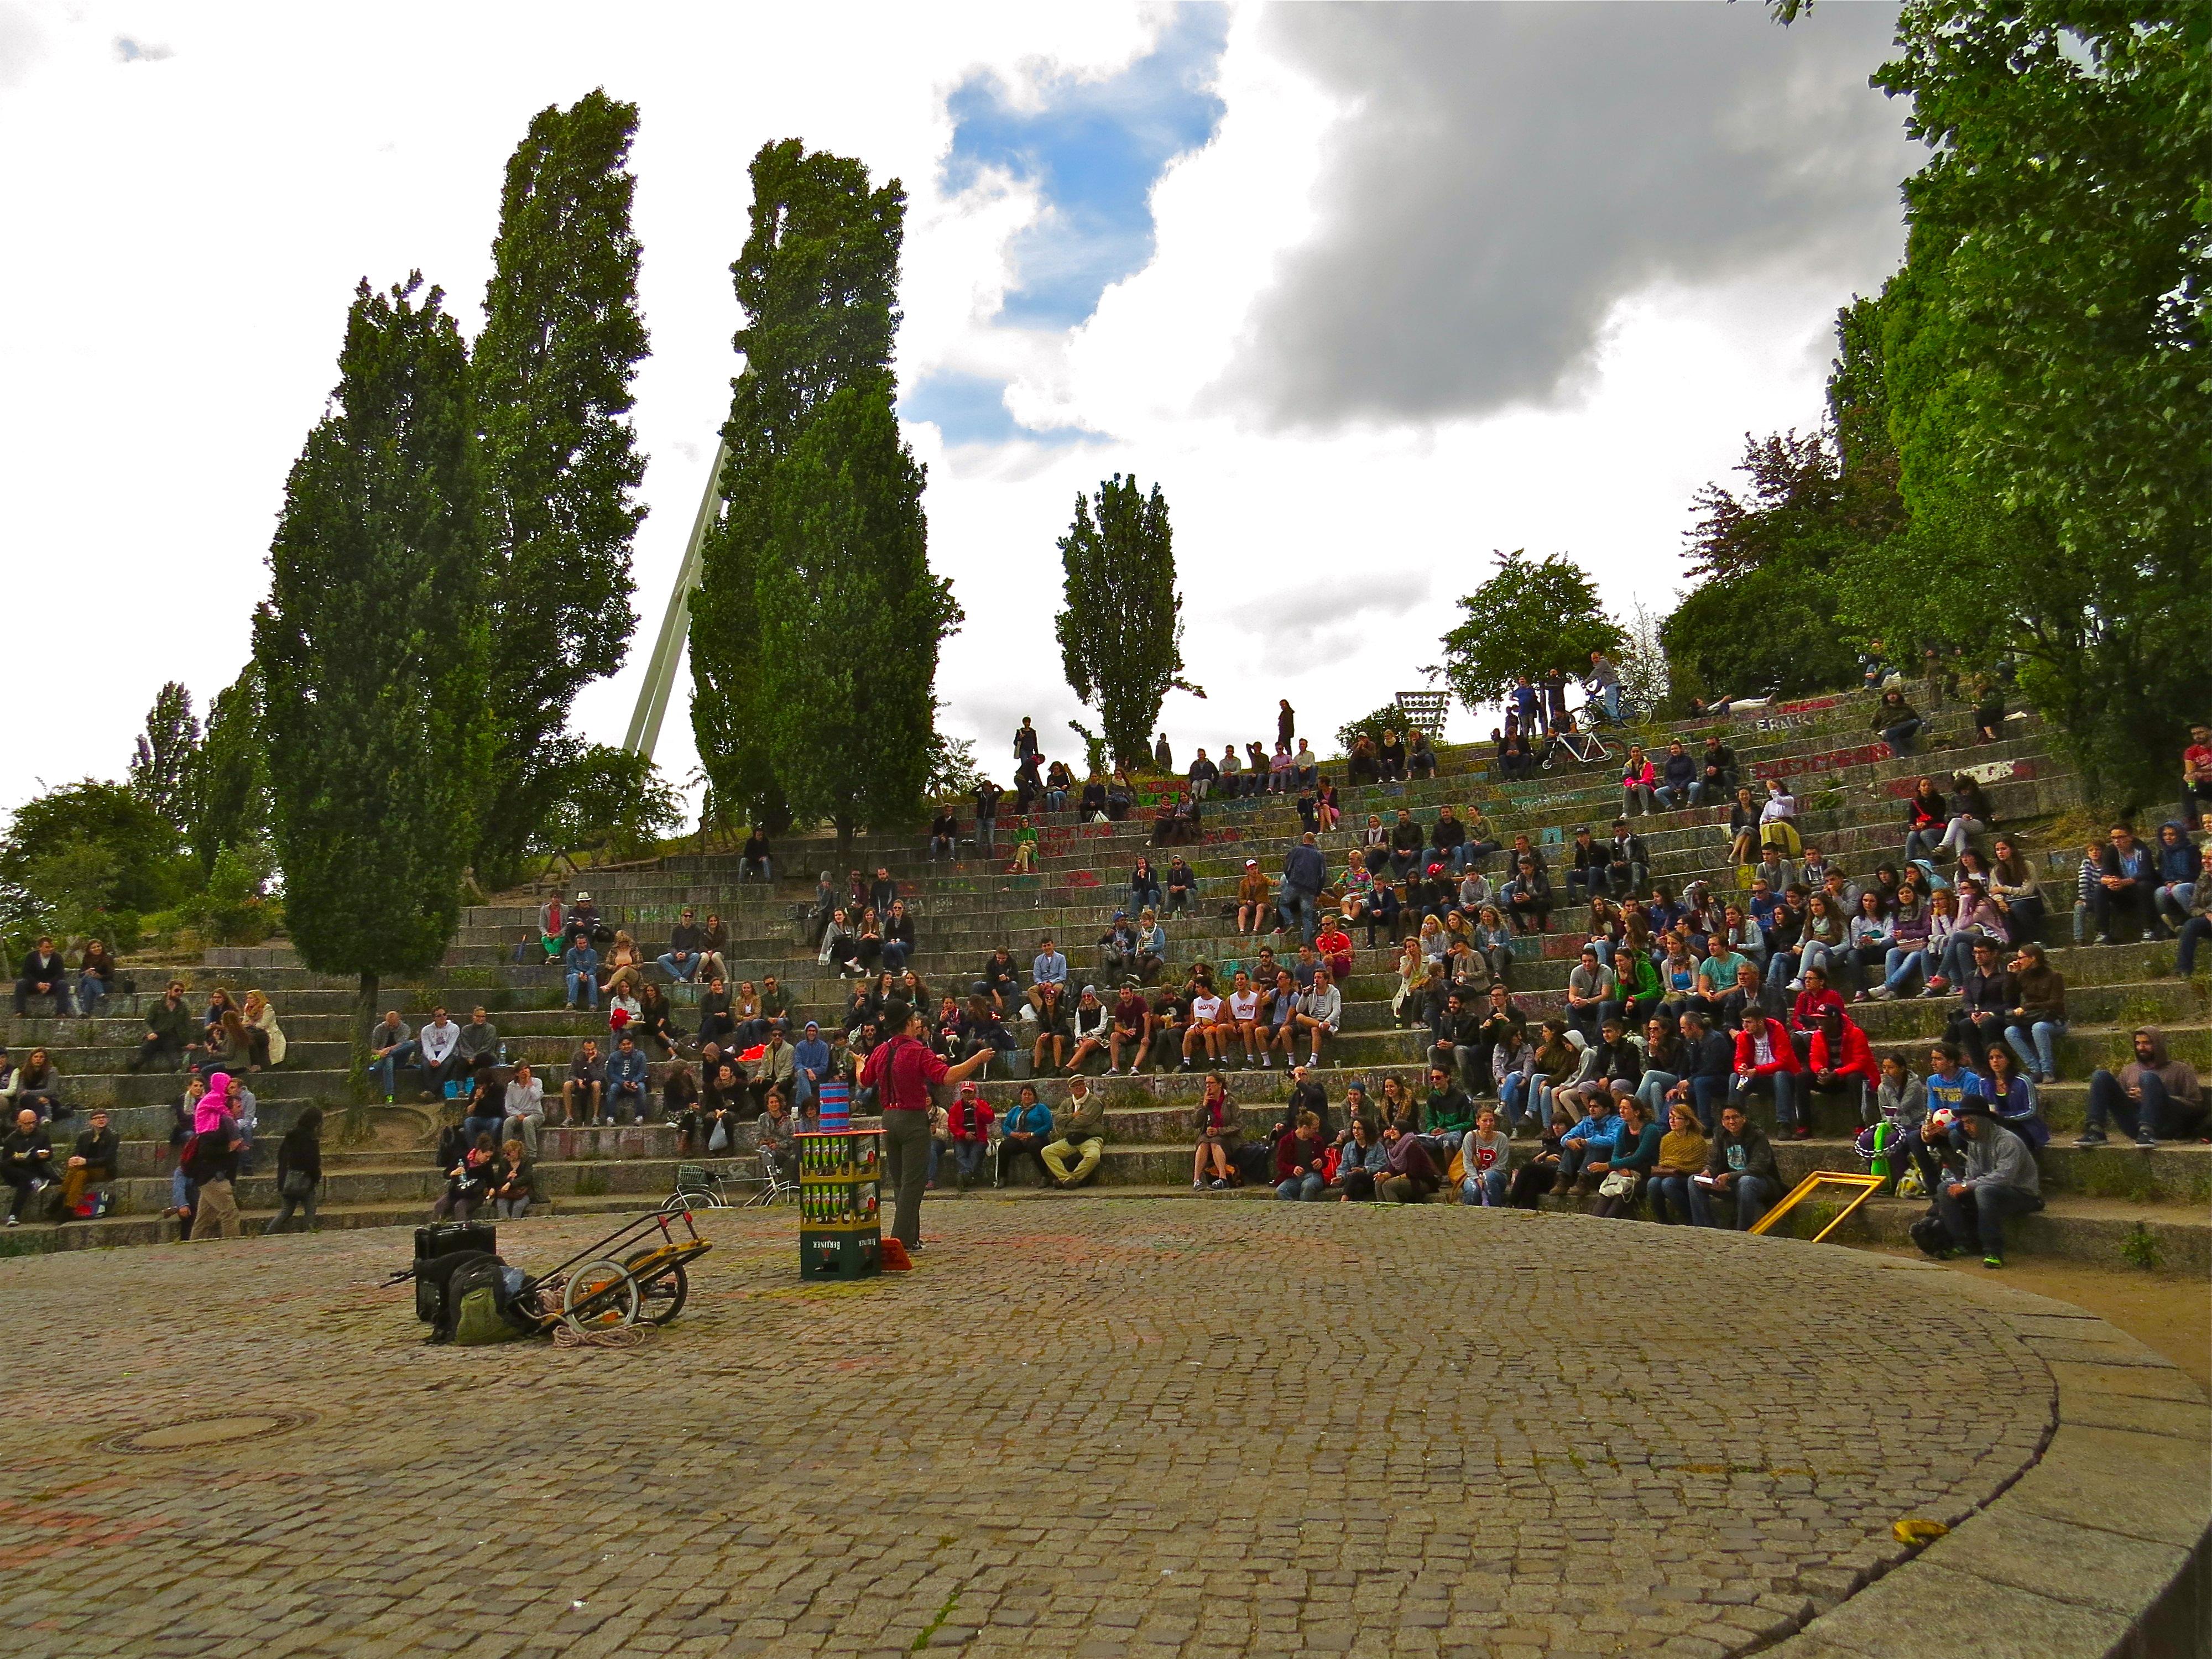 Mauerpark Berlim